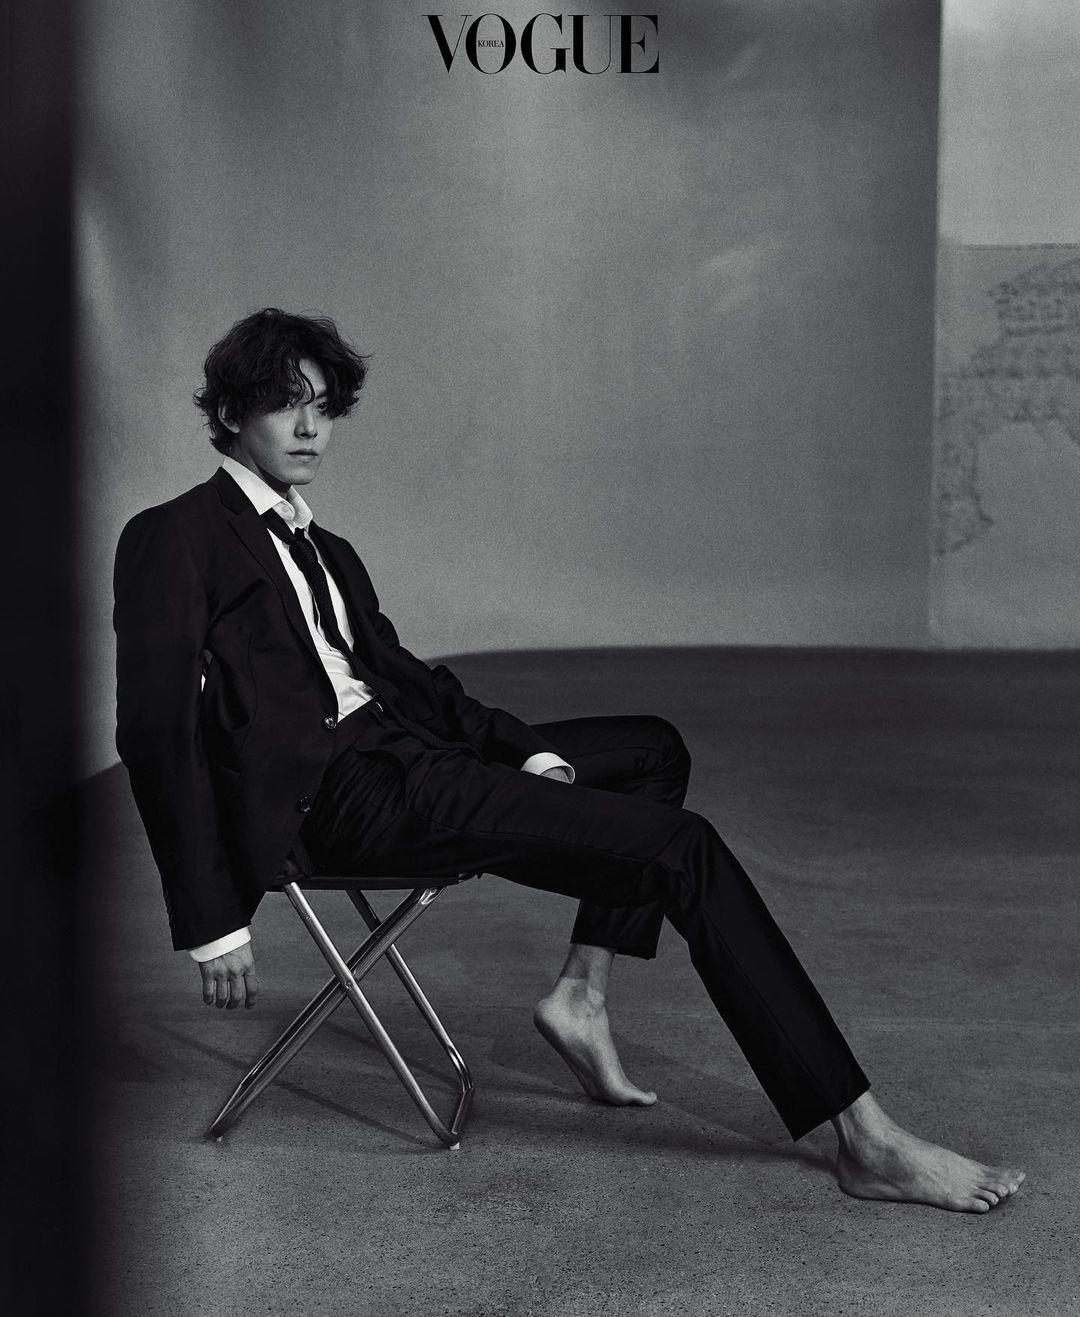 金宇彬拍摄黑白写真并谈自己的成长梦想和目前的目标